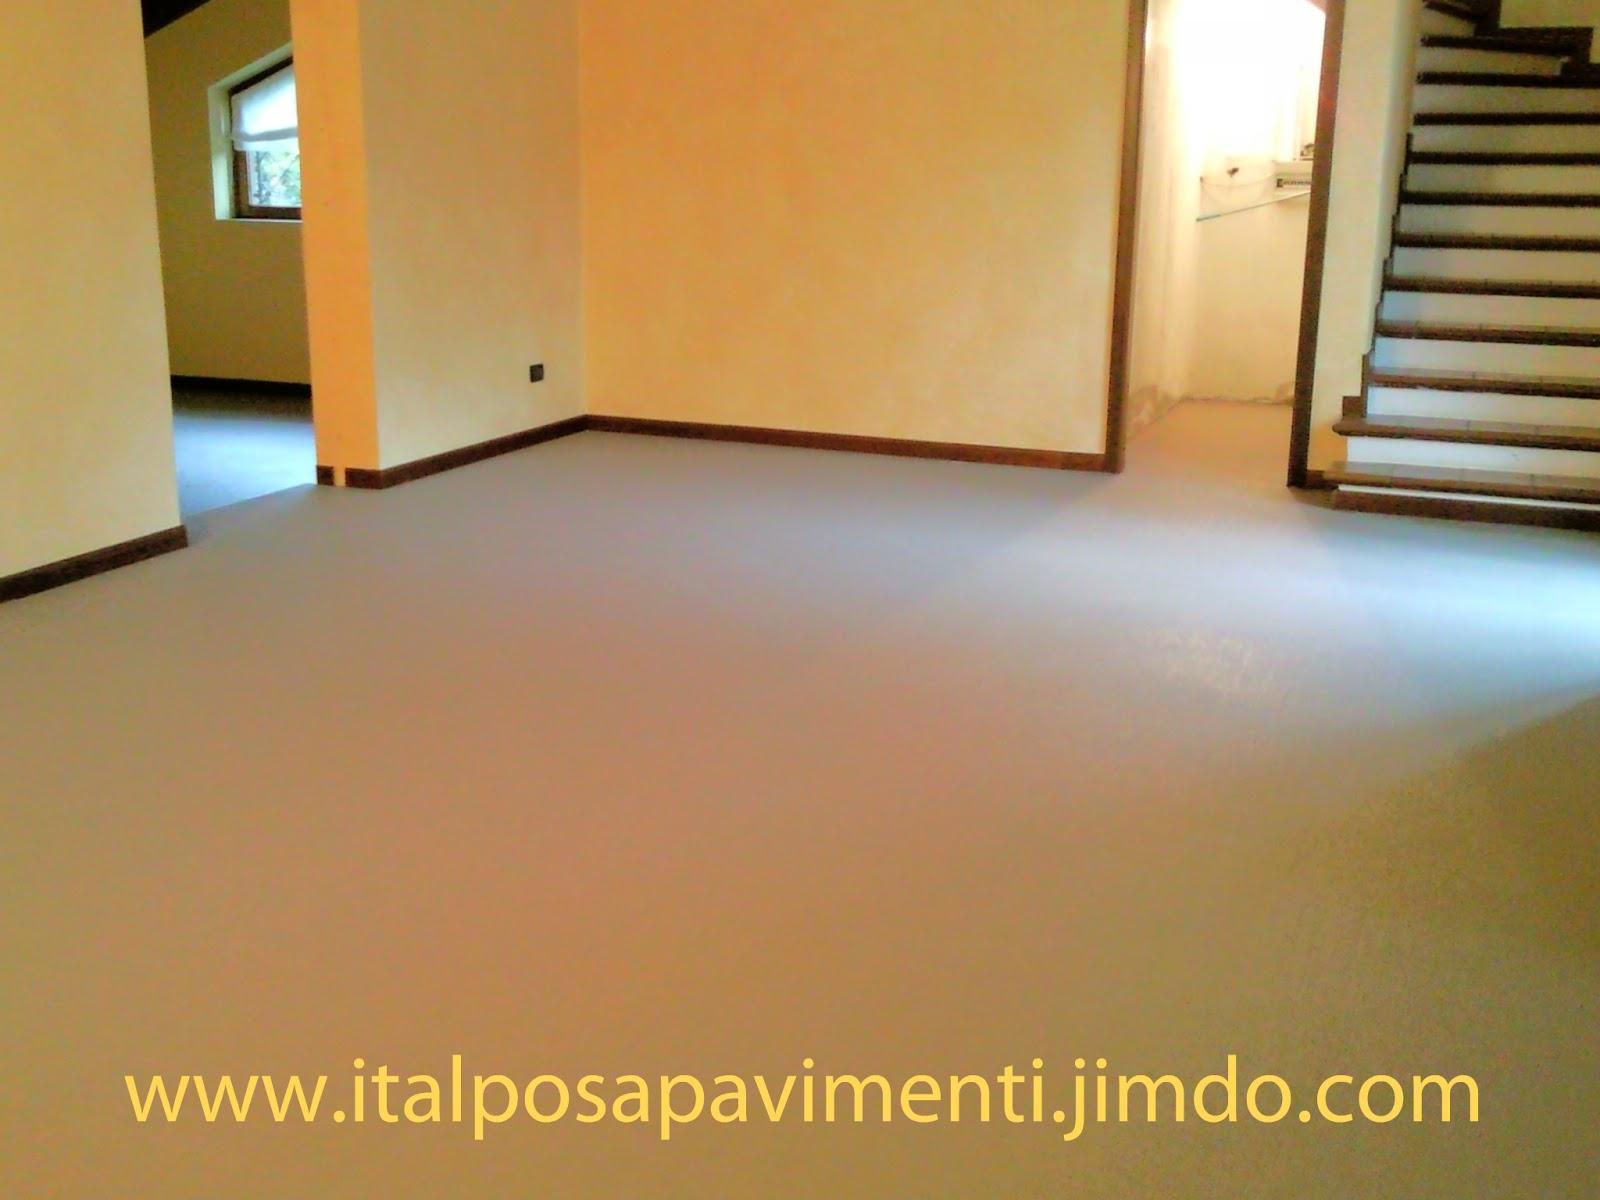 Italposa Pavimenti Blog Posa In Opera Pavimento In Pvc